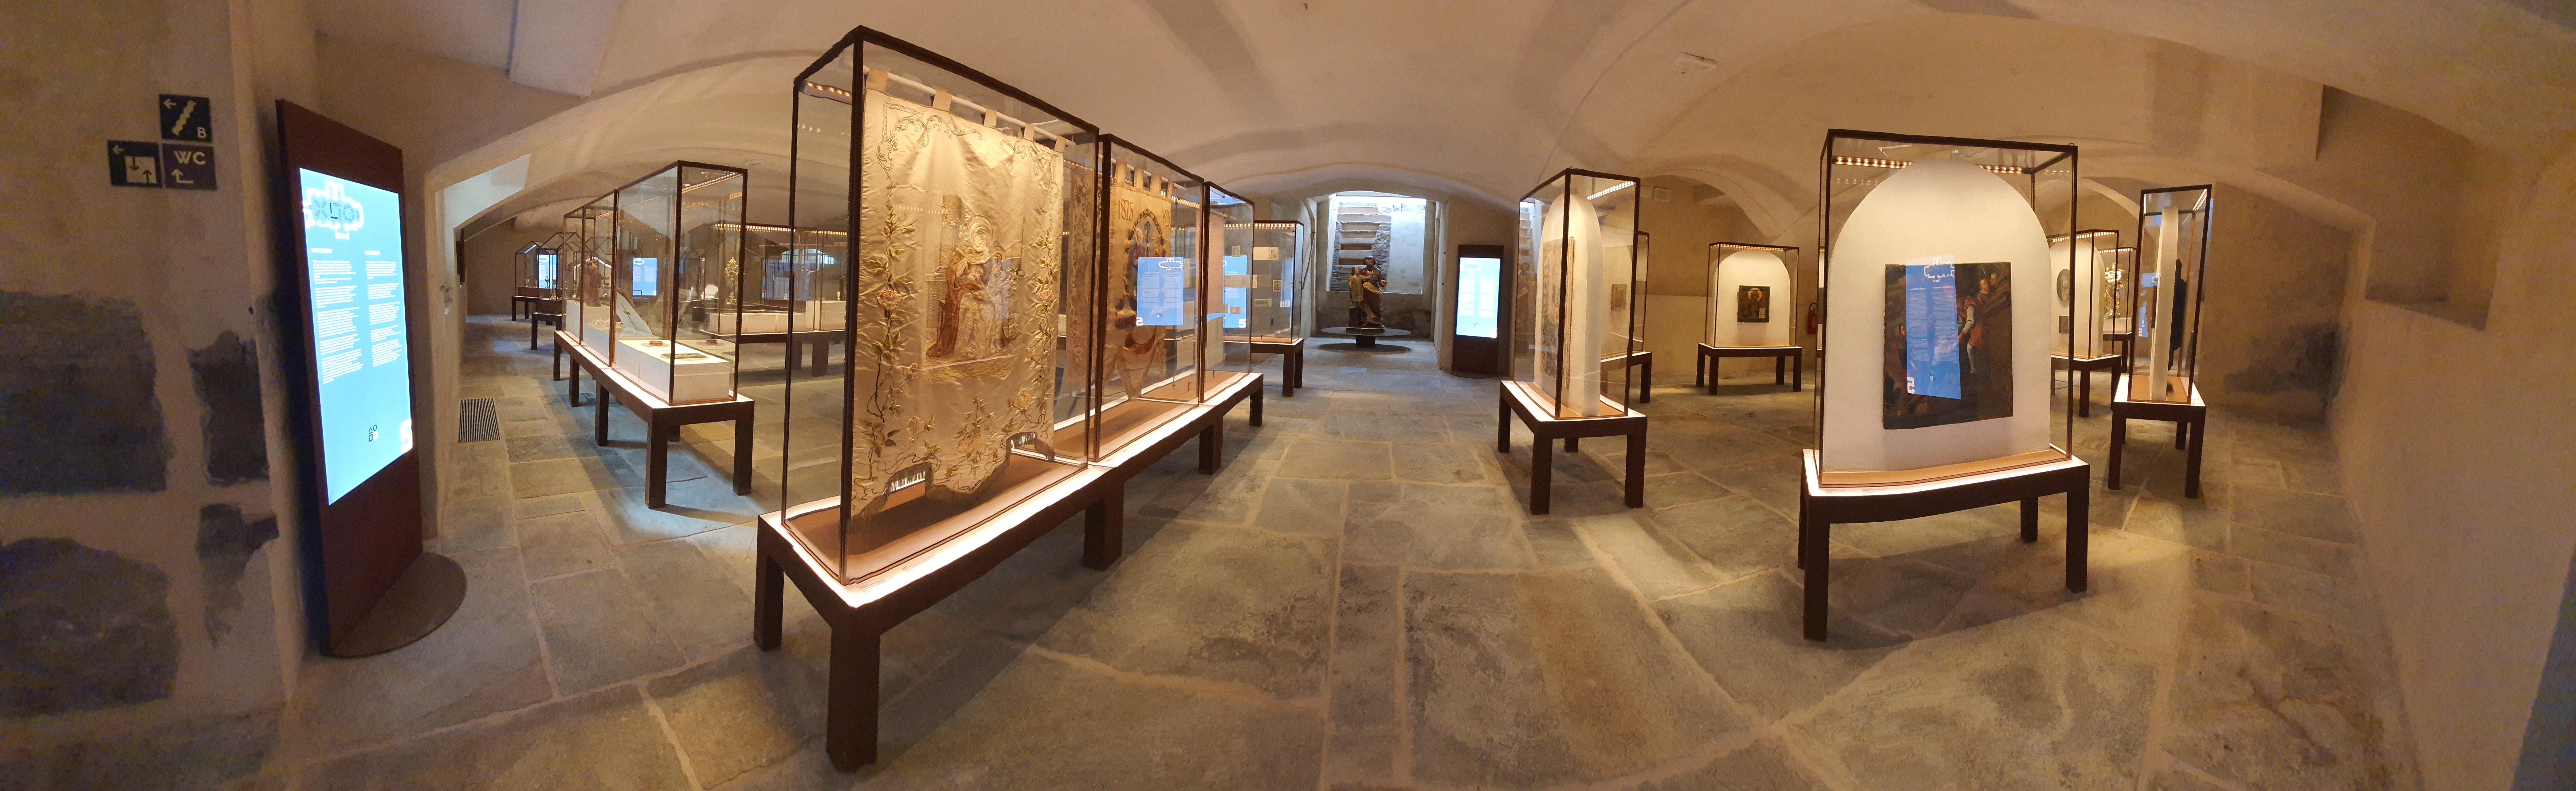 Internoi Museo Casa Don Bosco - Pavimentazione in Quadrettoni antichi.